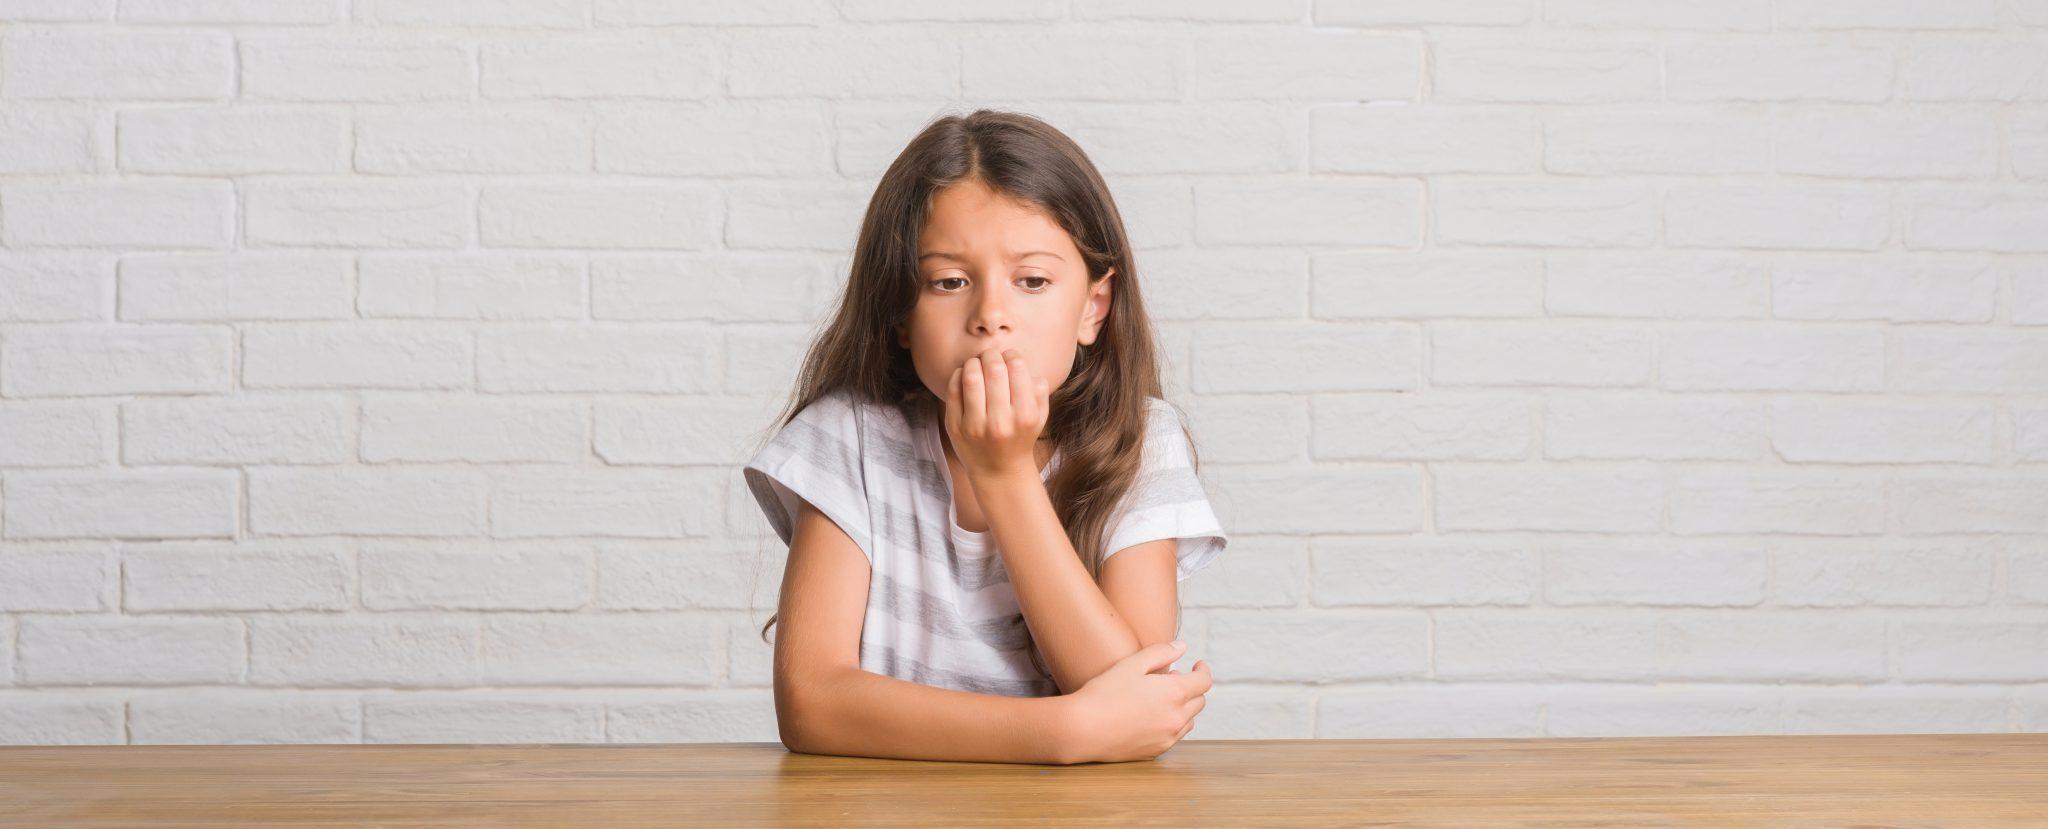 子どもと初めての場所へ出かけるときの質問「今はどんな気持ち?」